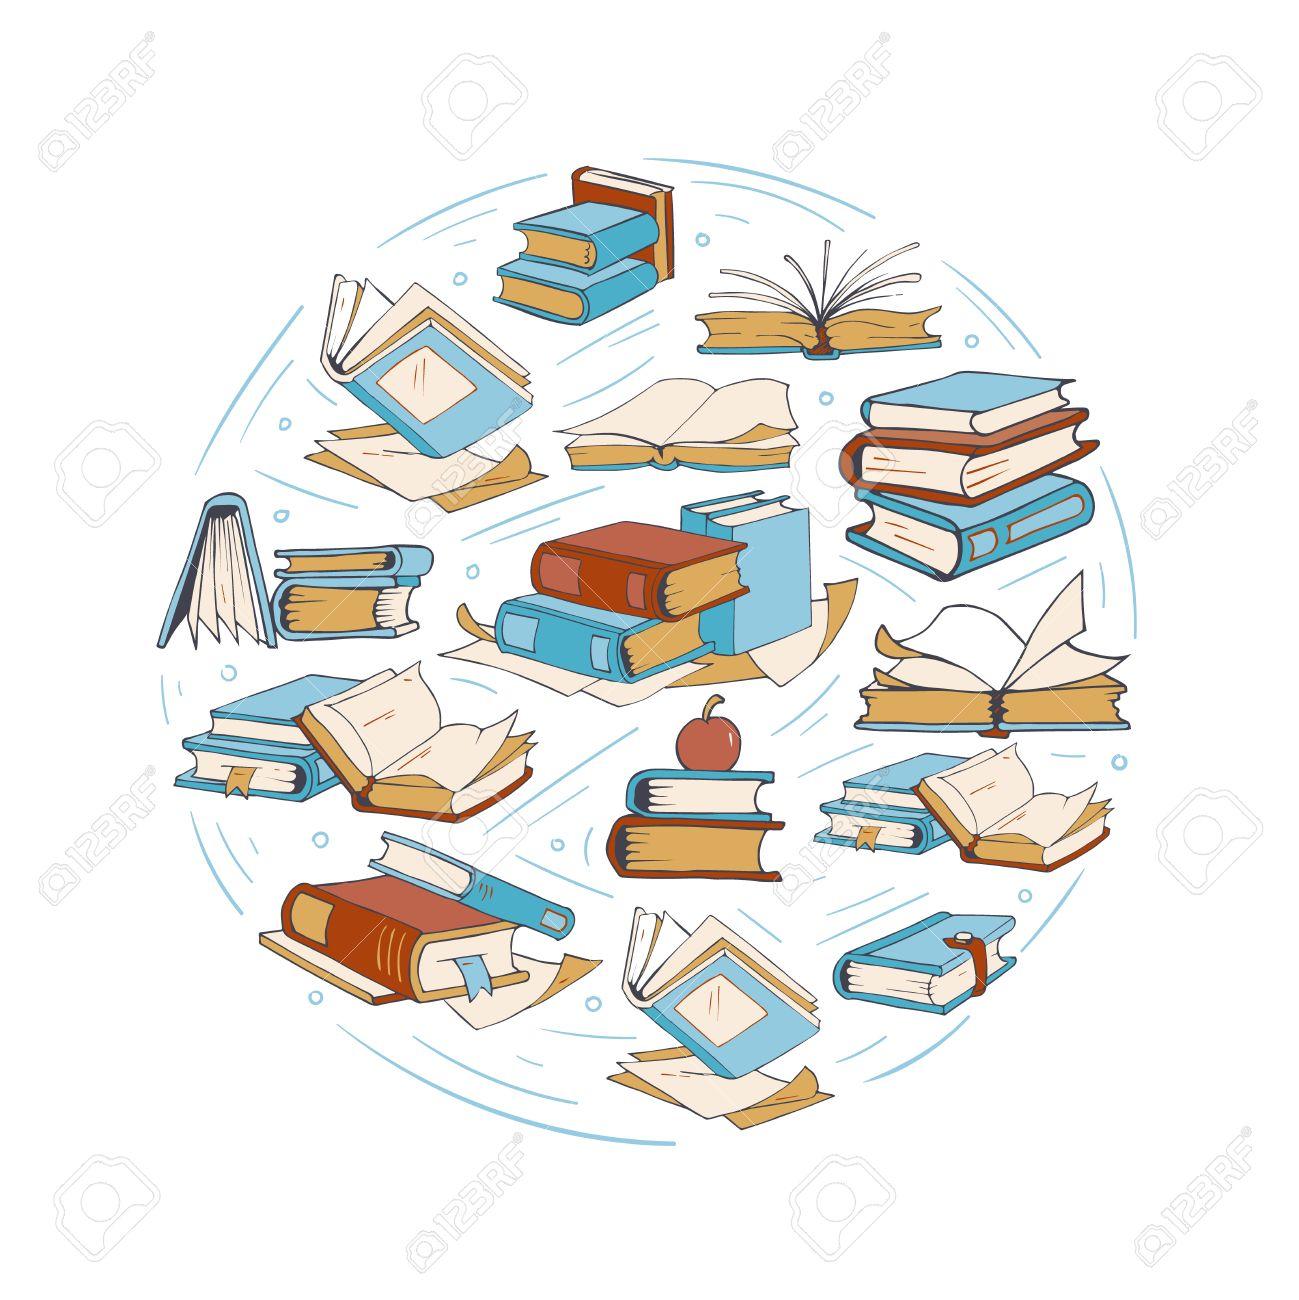 Croquis Livres De Dessin Doodle Bibliotheque Vecteur De Club Du